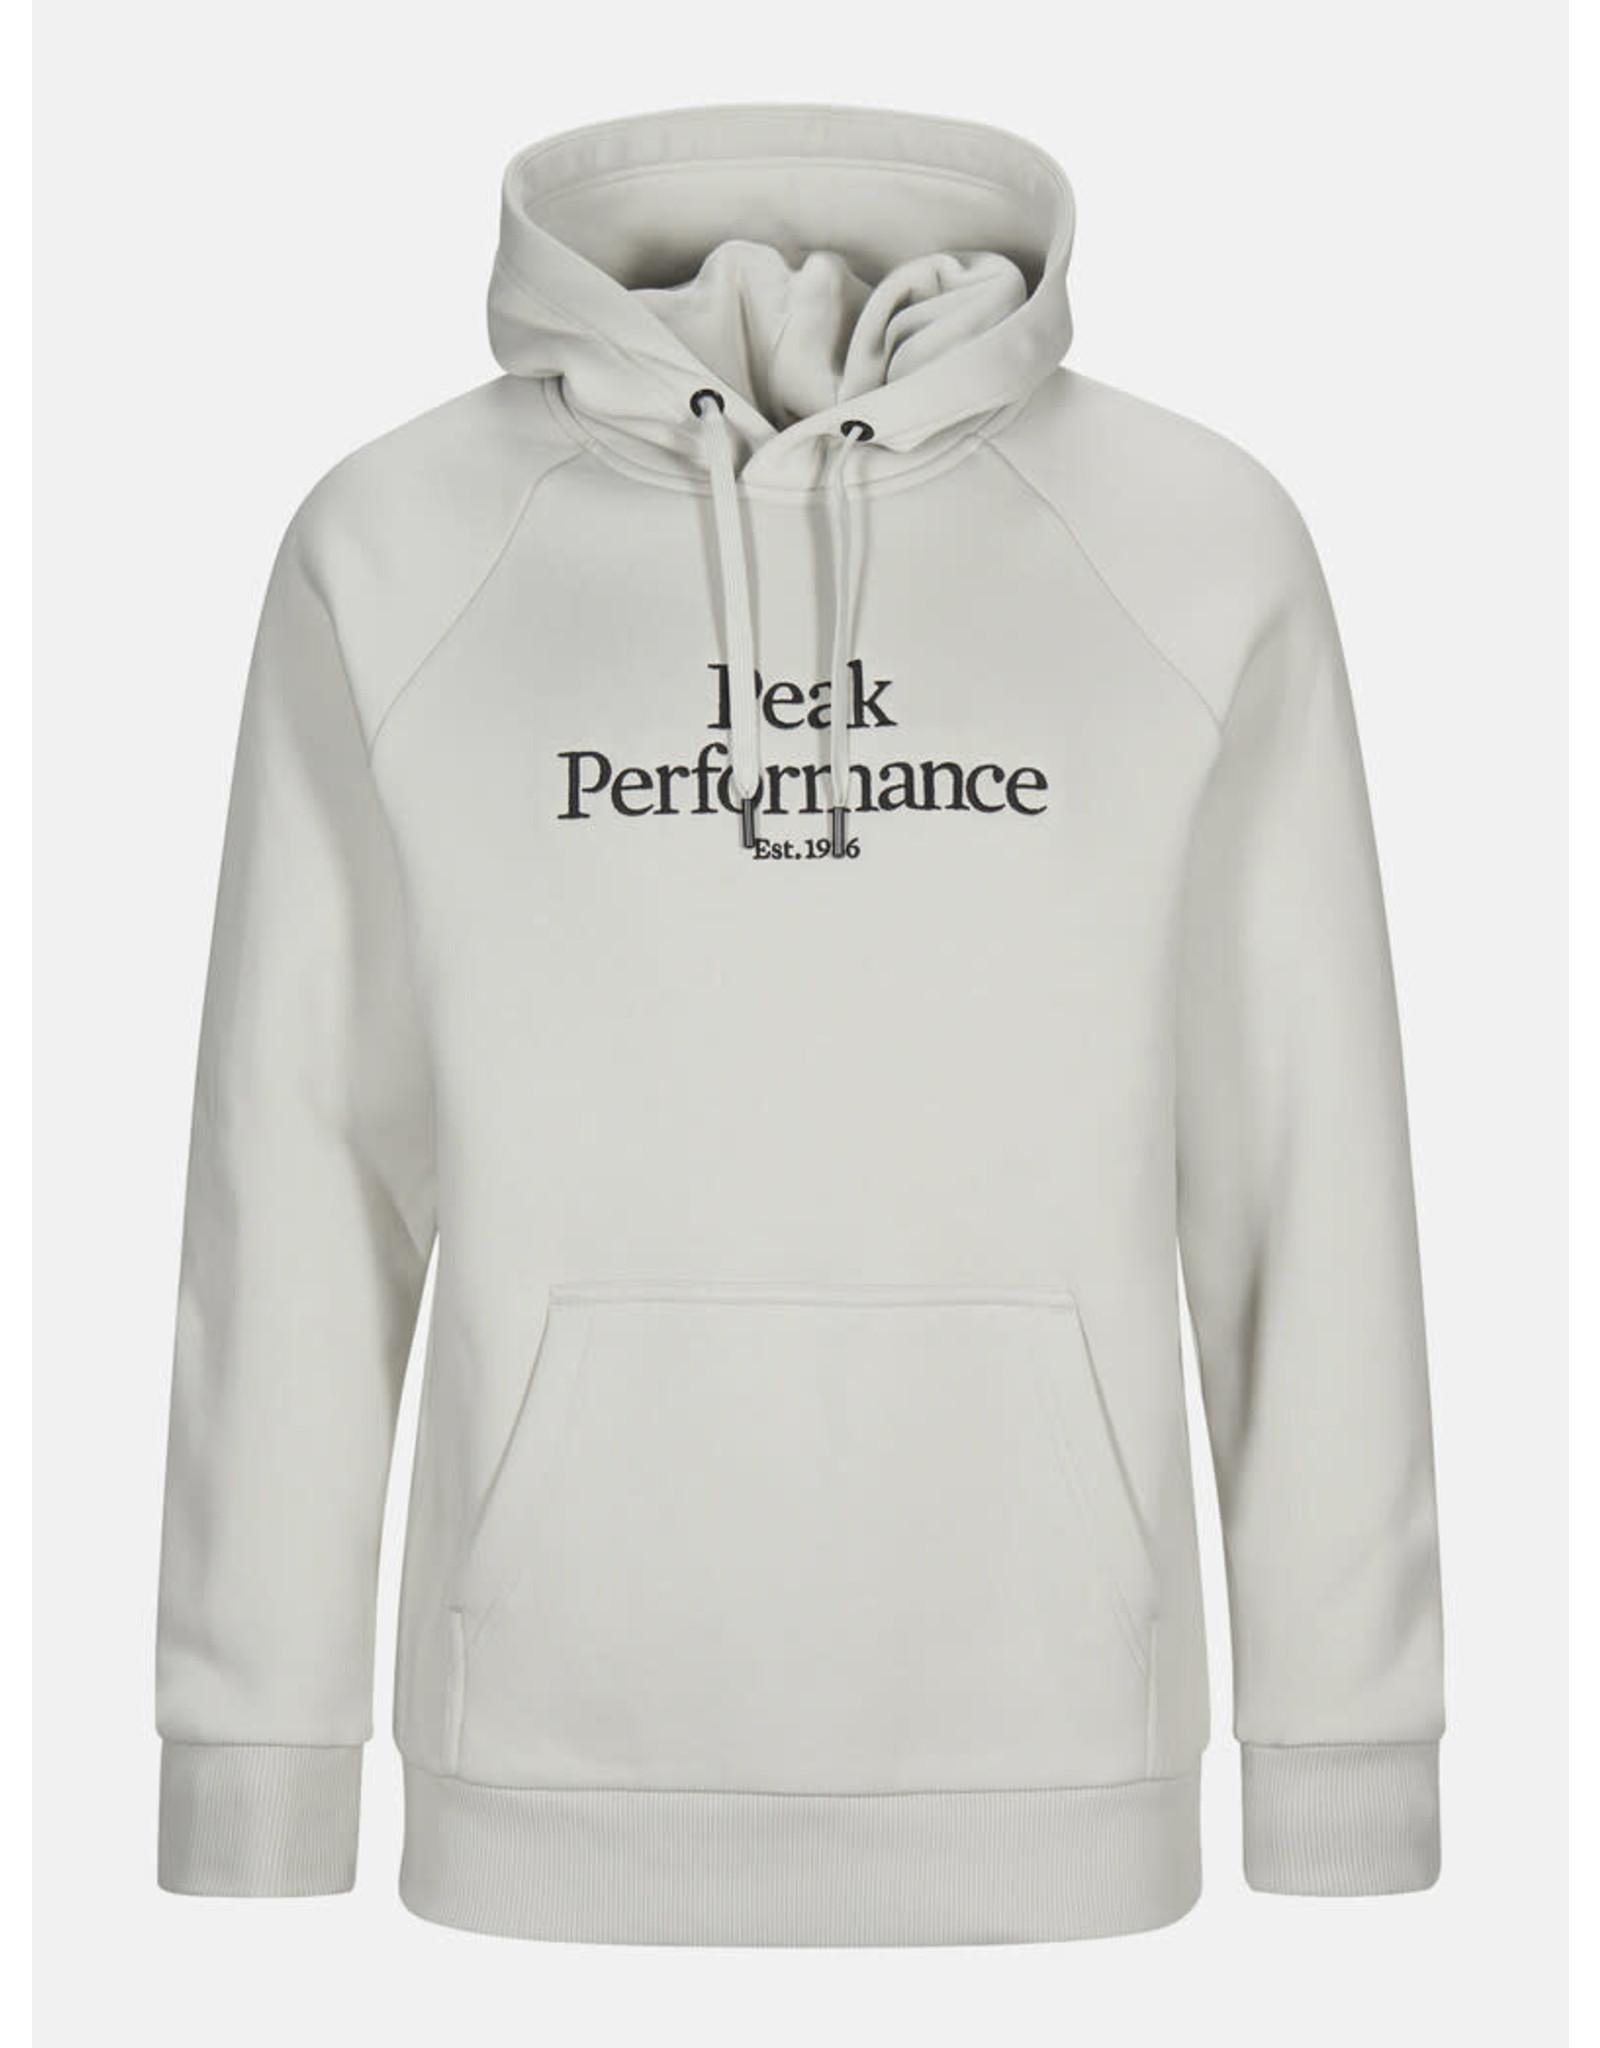 Peak Performance Original Hood Men